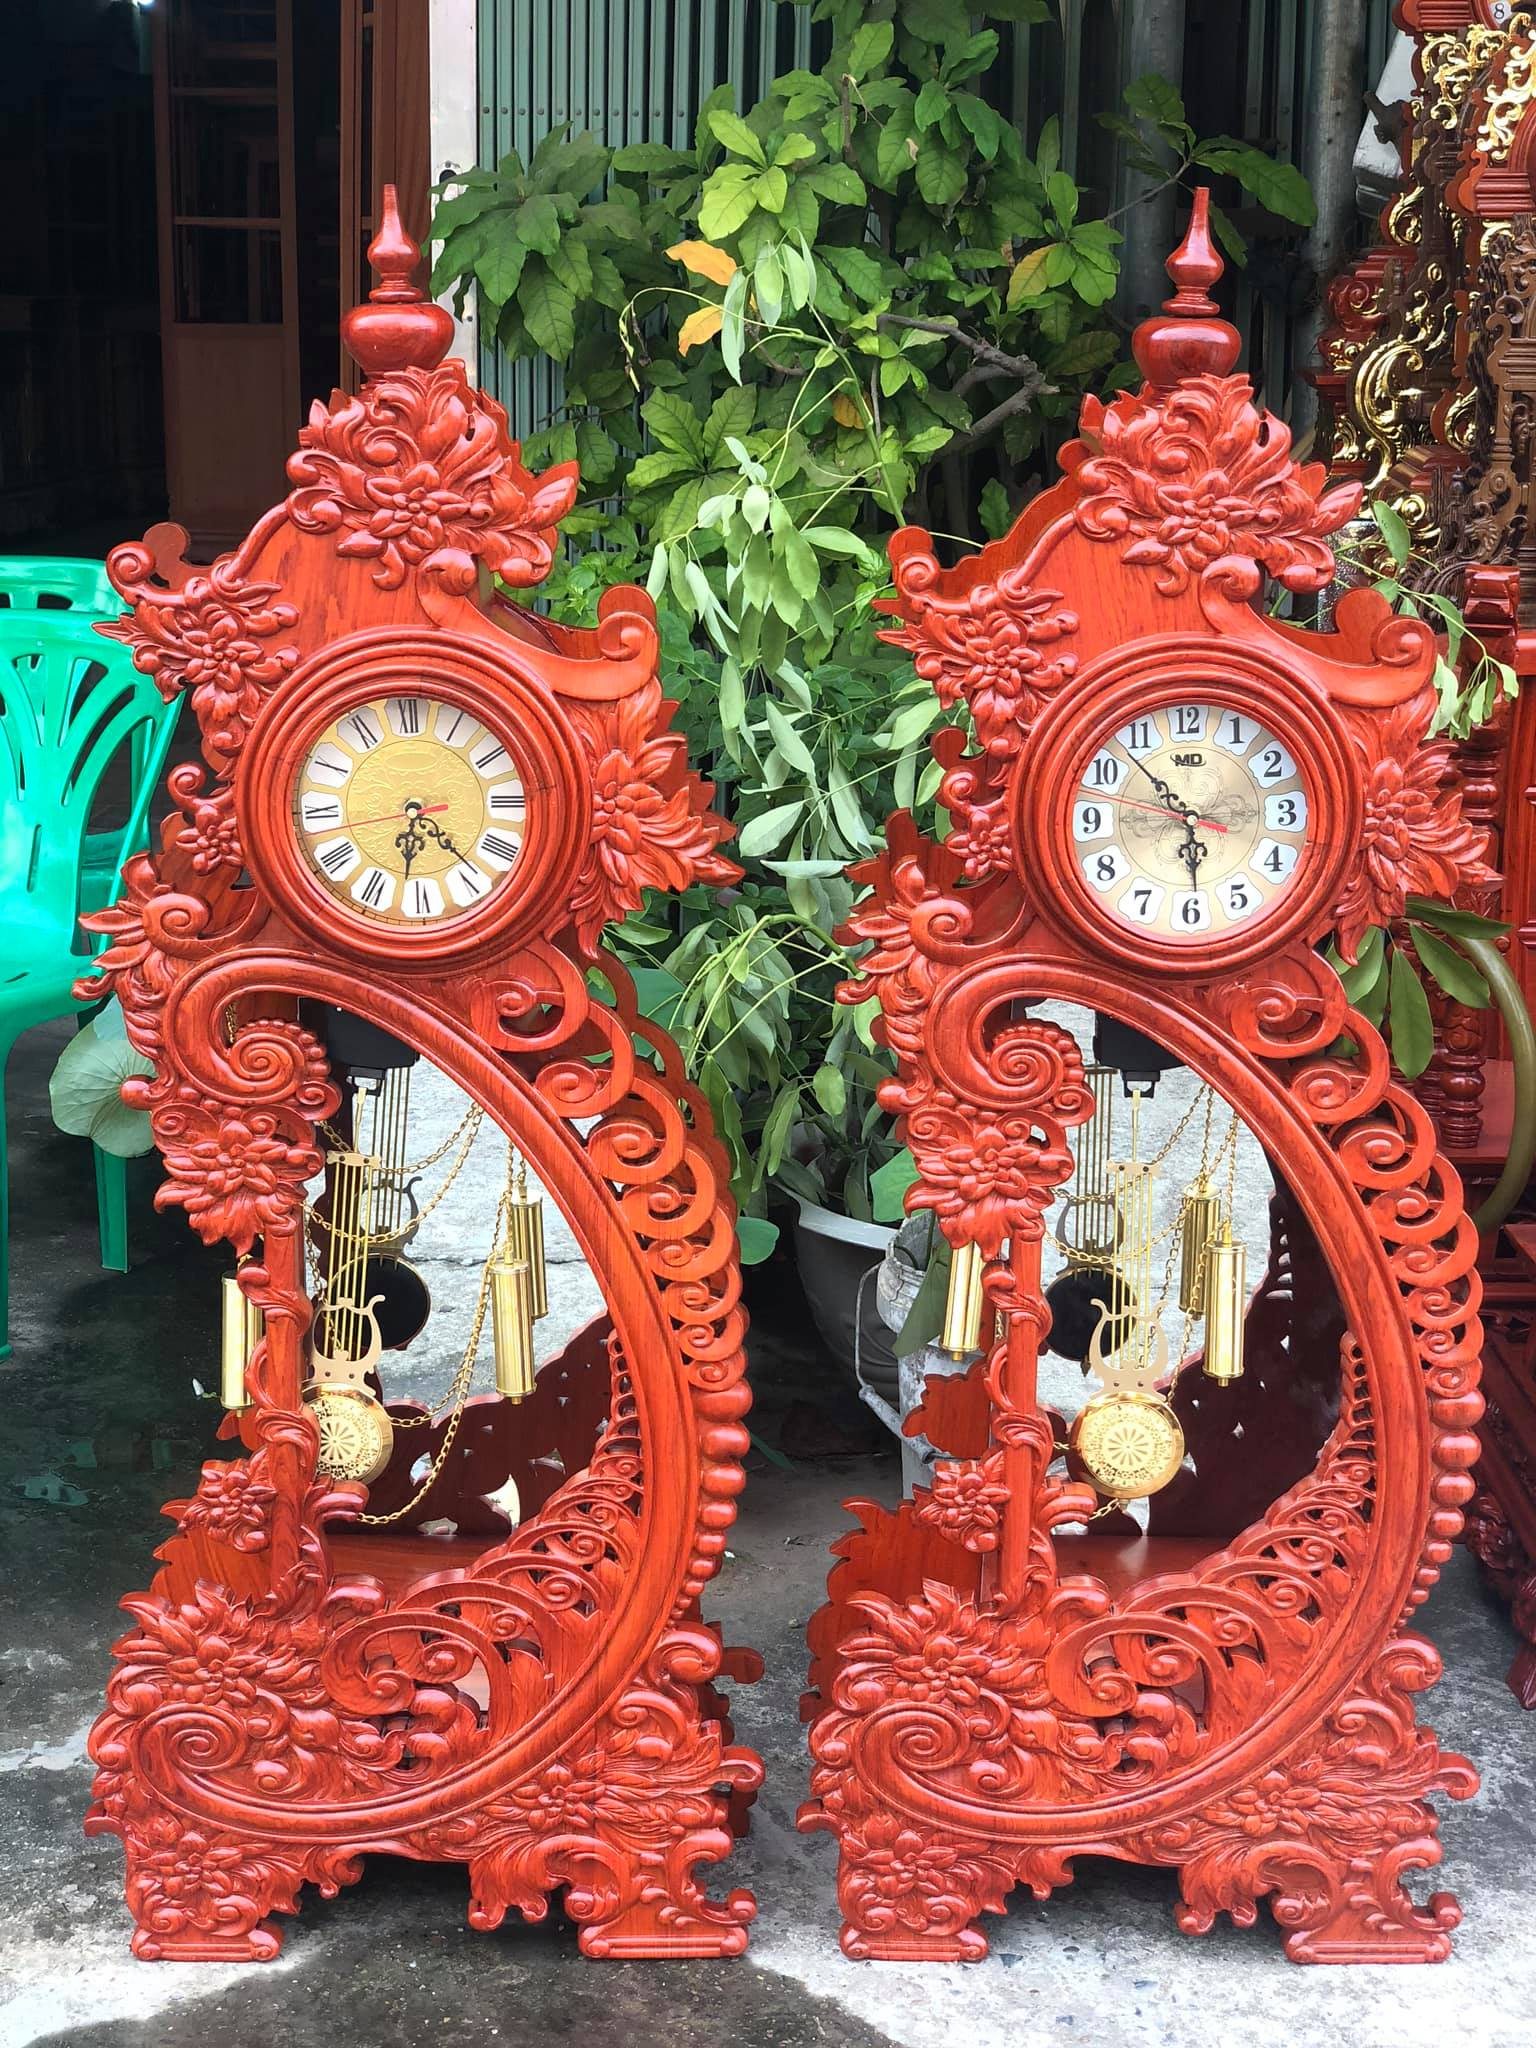 Đồng hồ Hoa Mẫu Đơn gỗ Hương trang trí phòng khách cực đẹp